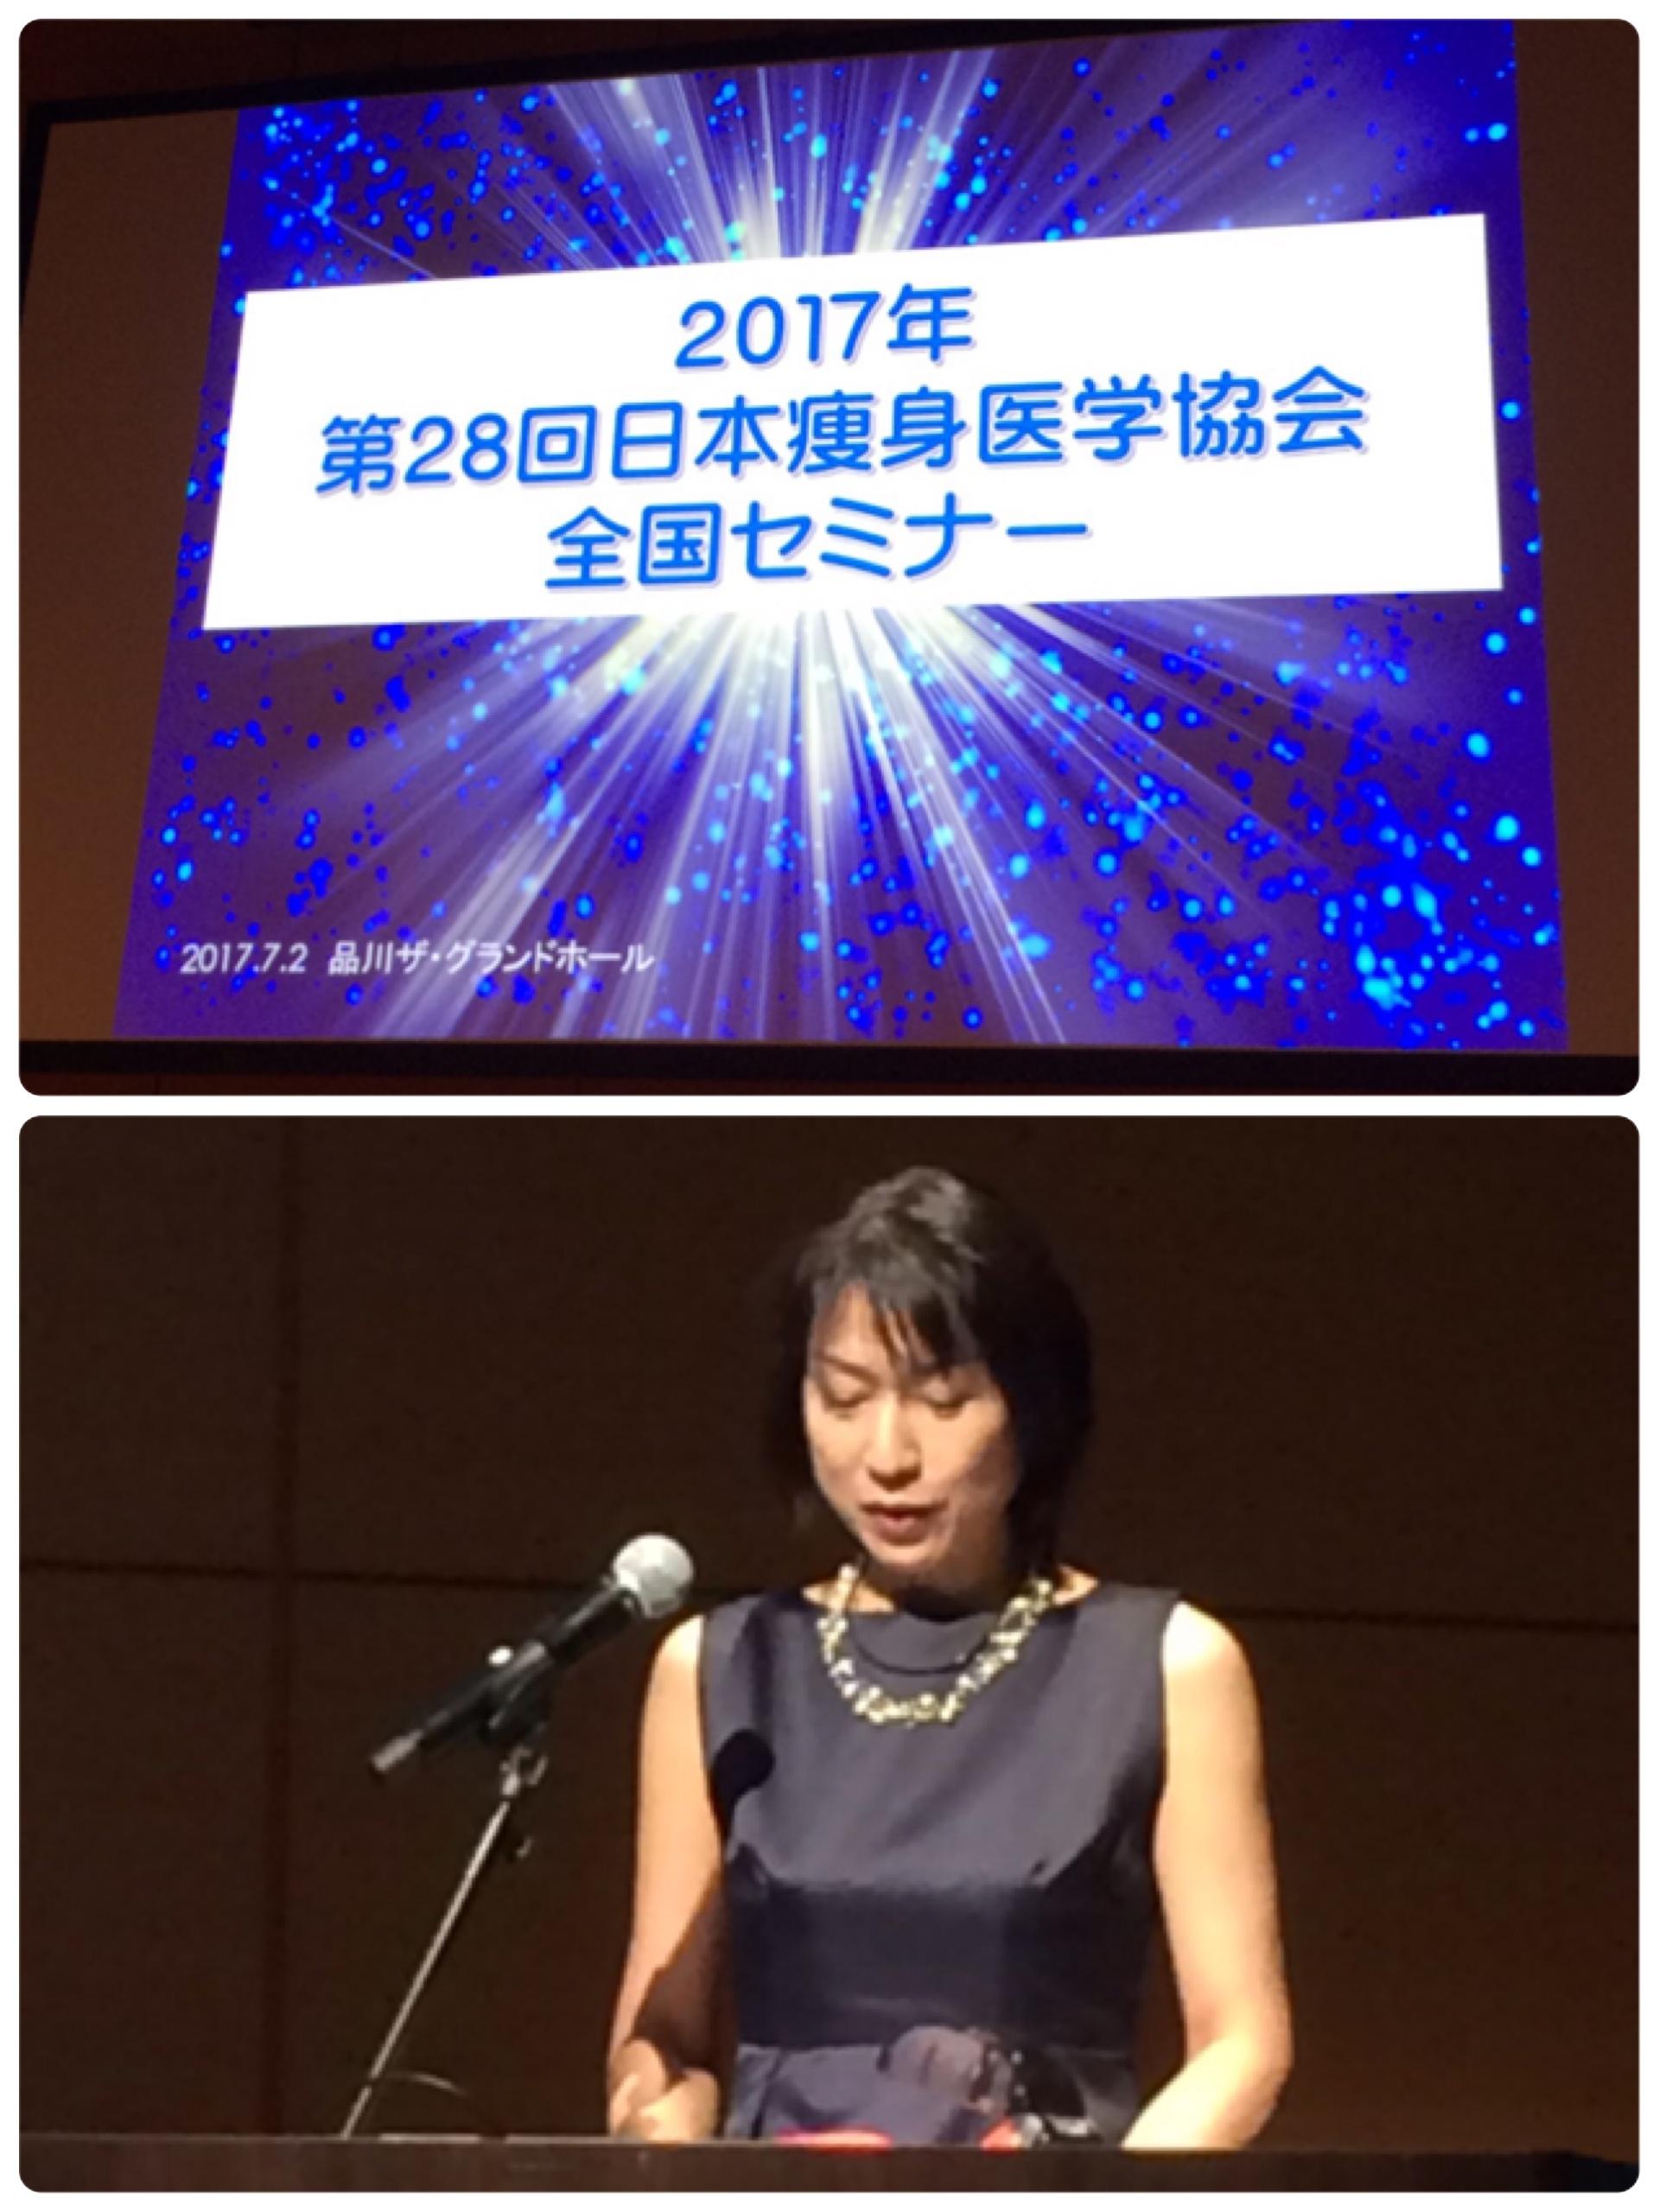 日本痩身医学協会全国セミナーにて発表